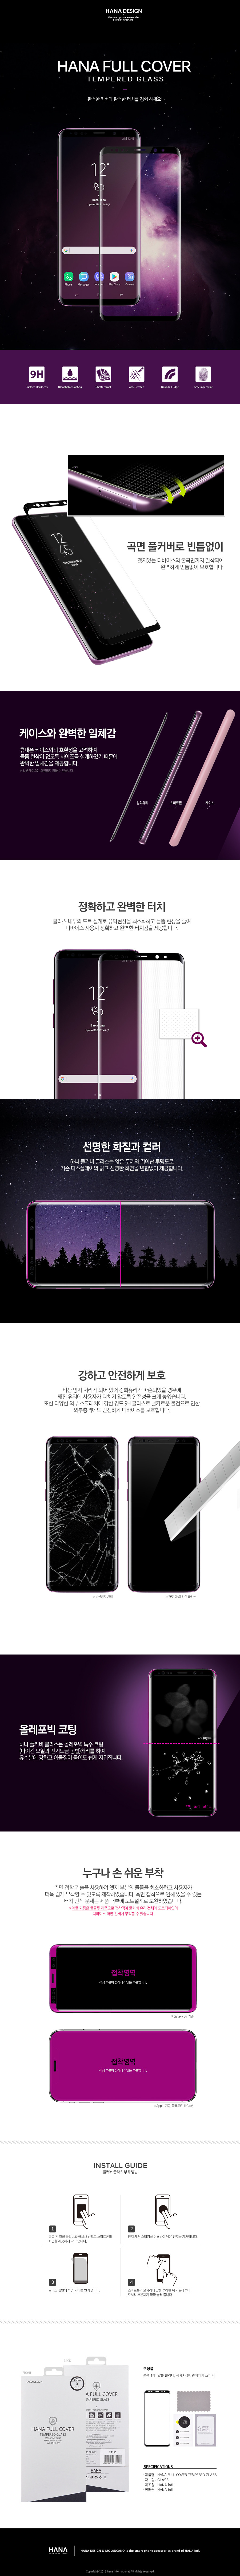 0725 full cover glass_web.jpg